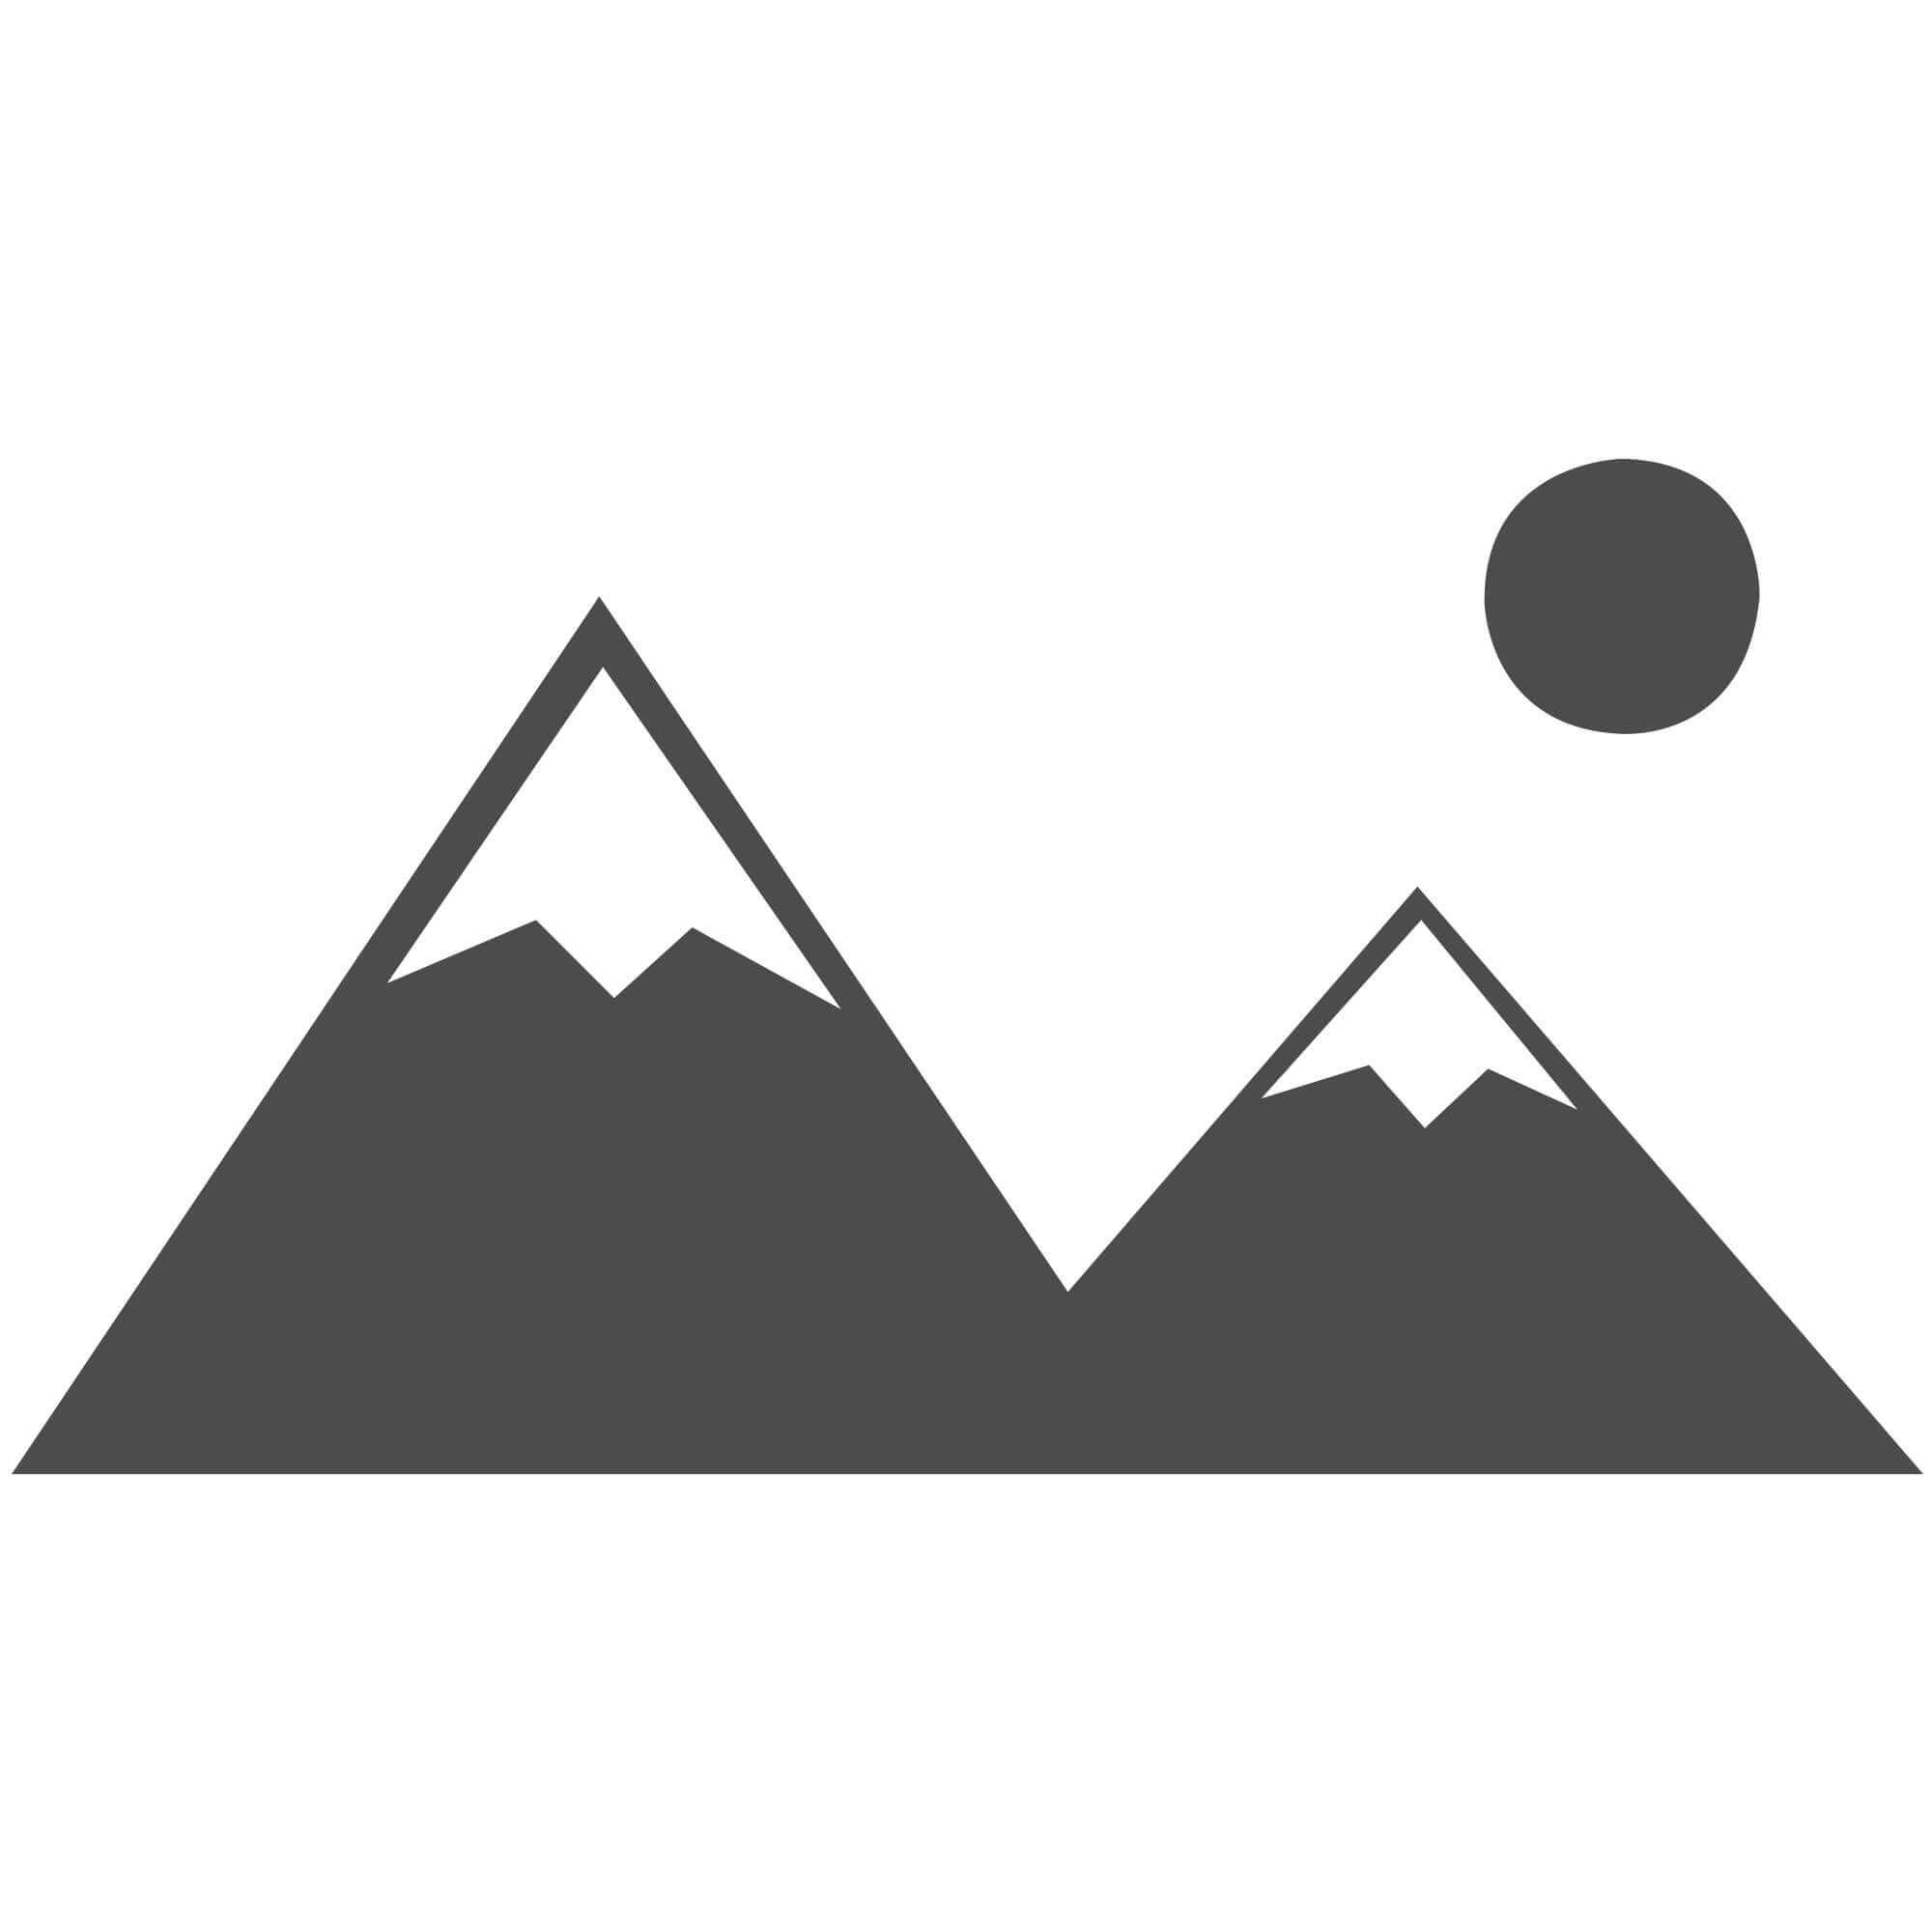 Galleria Rug - Squares 79244 4848 - Size Runner 67 x 330 cm